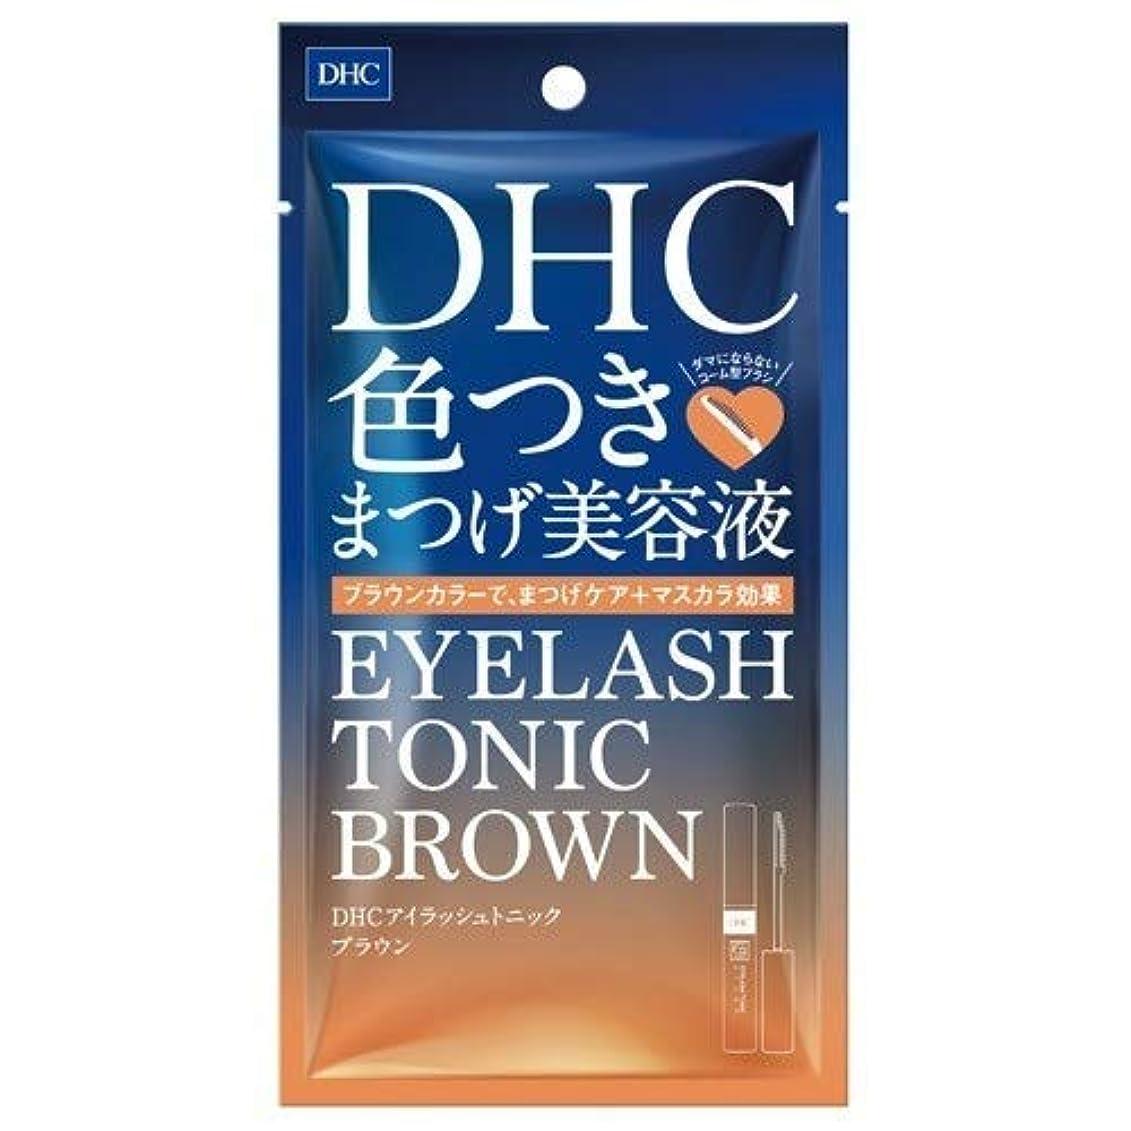 DHC アイラッシュトニック ブラウン 6g × 24個セット